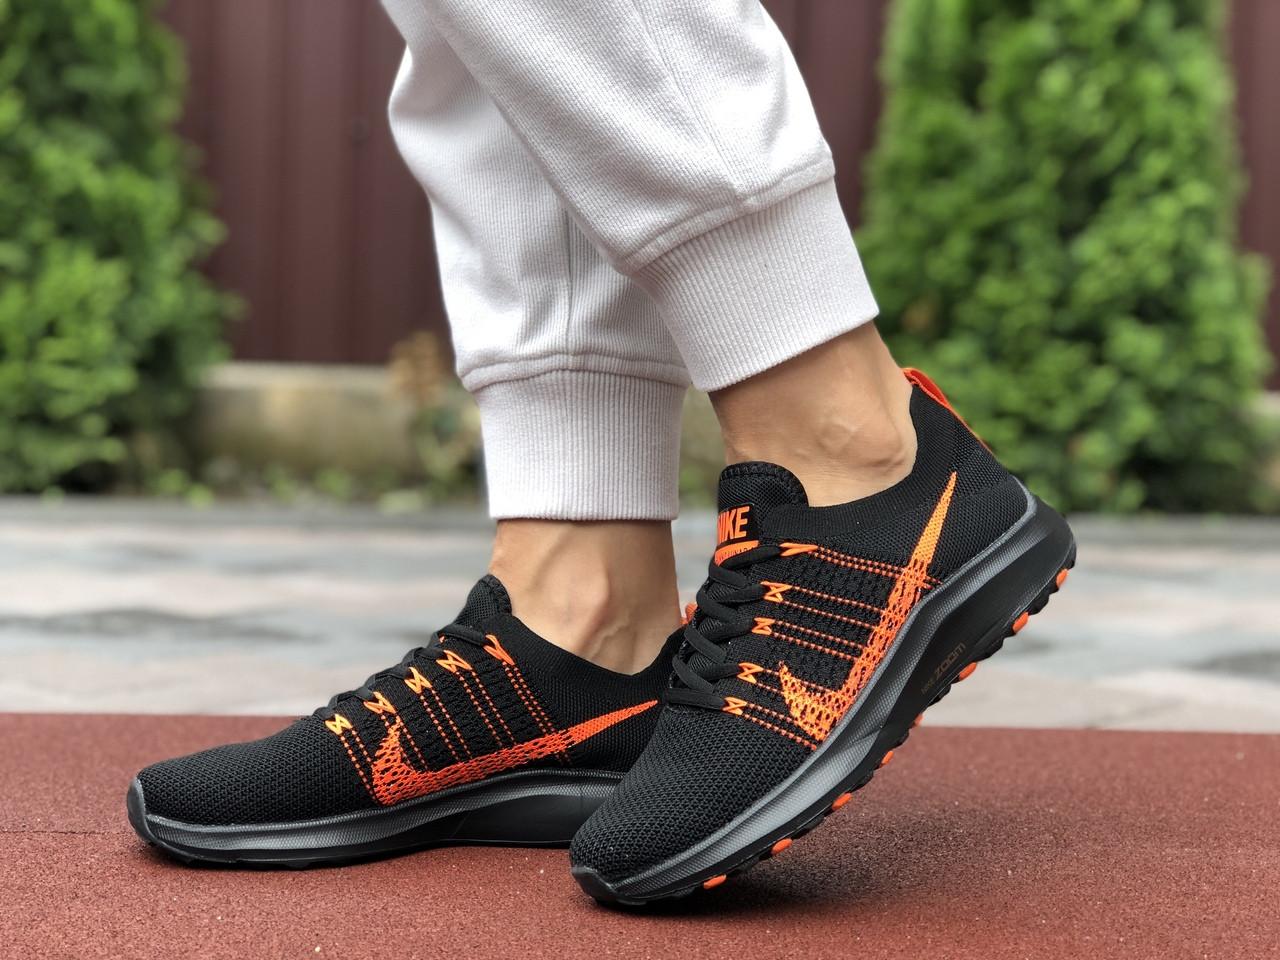 Жіночі кросівки Nike Zoom (чорно-помаранчеві) 9593